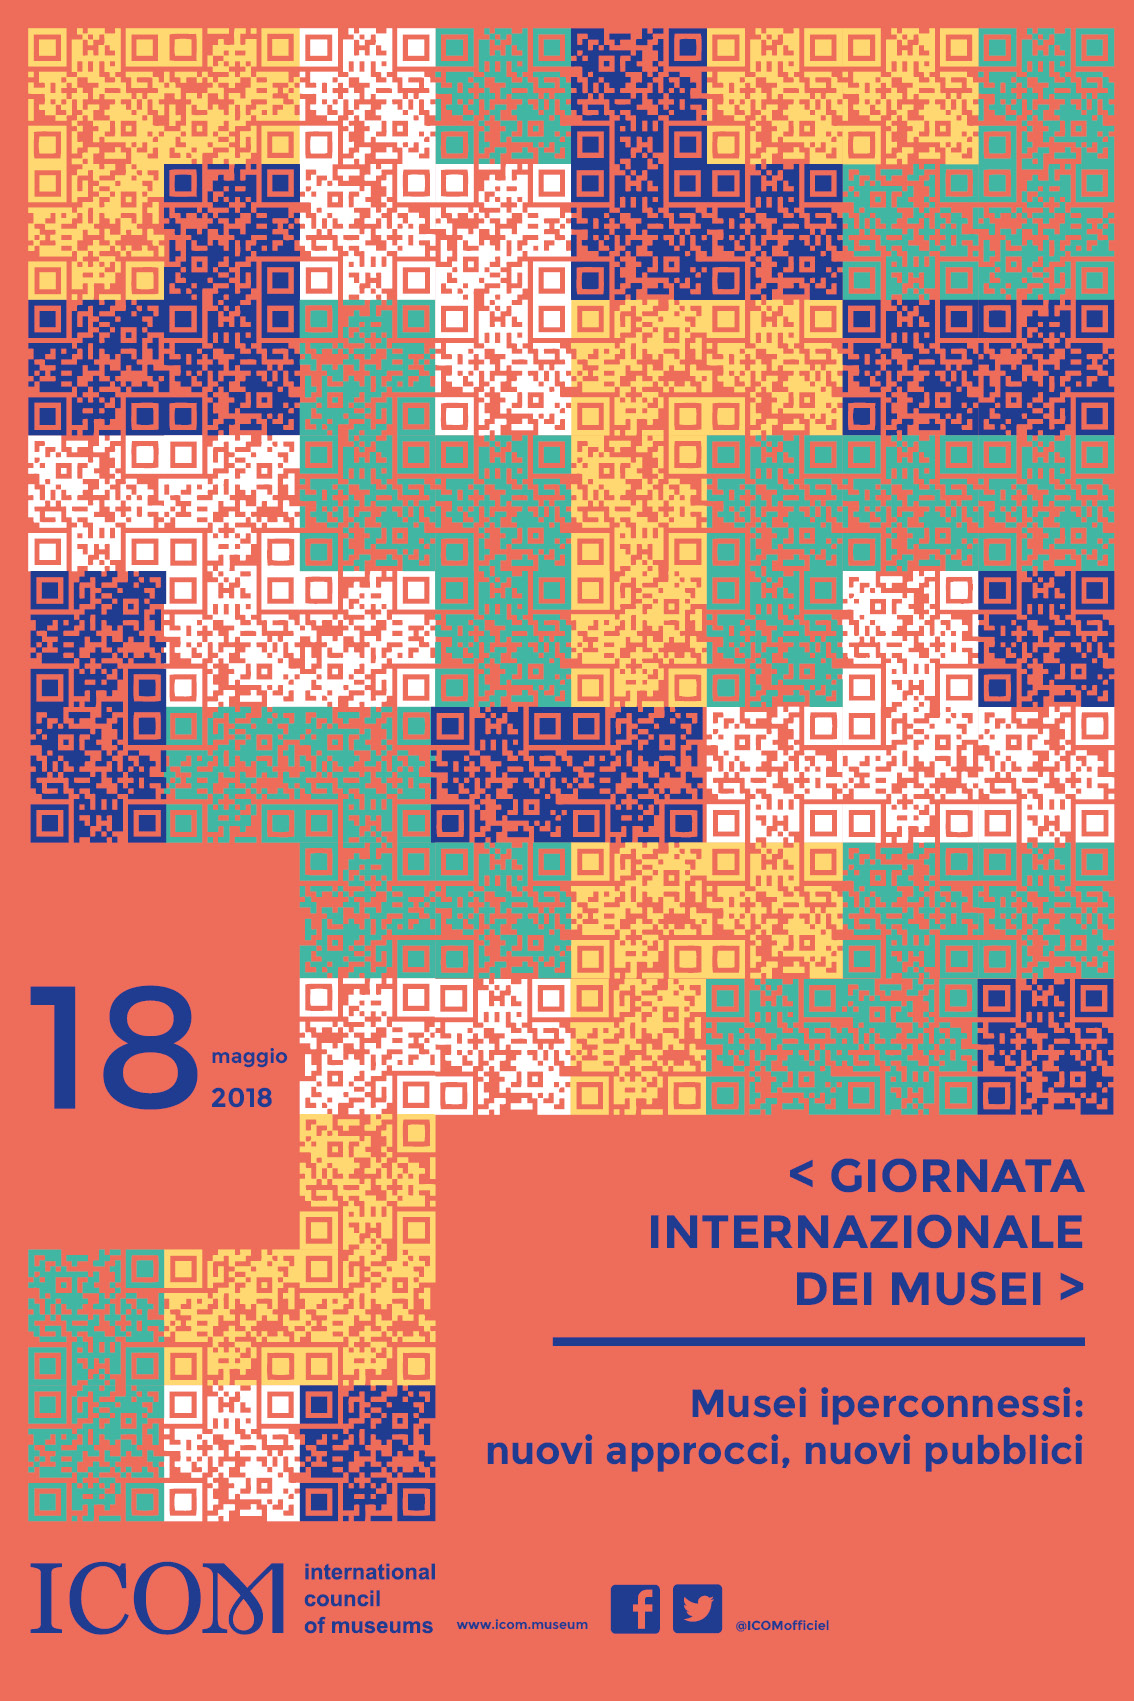 IMD2018-poster-italian.jpg - 962.80 kB